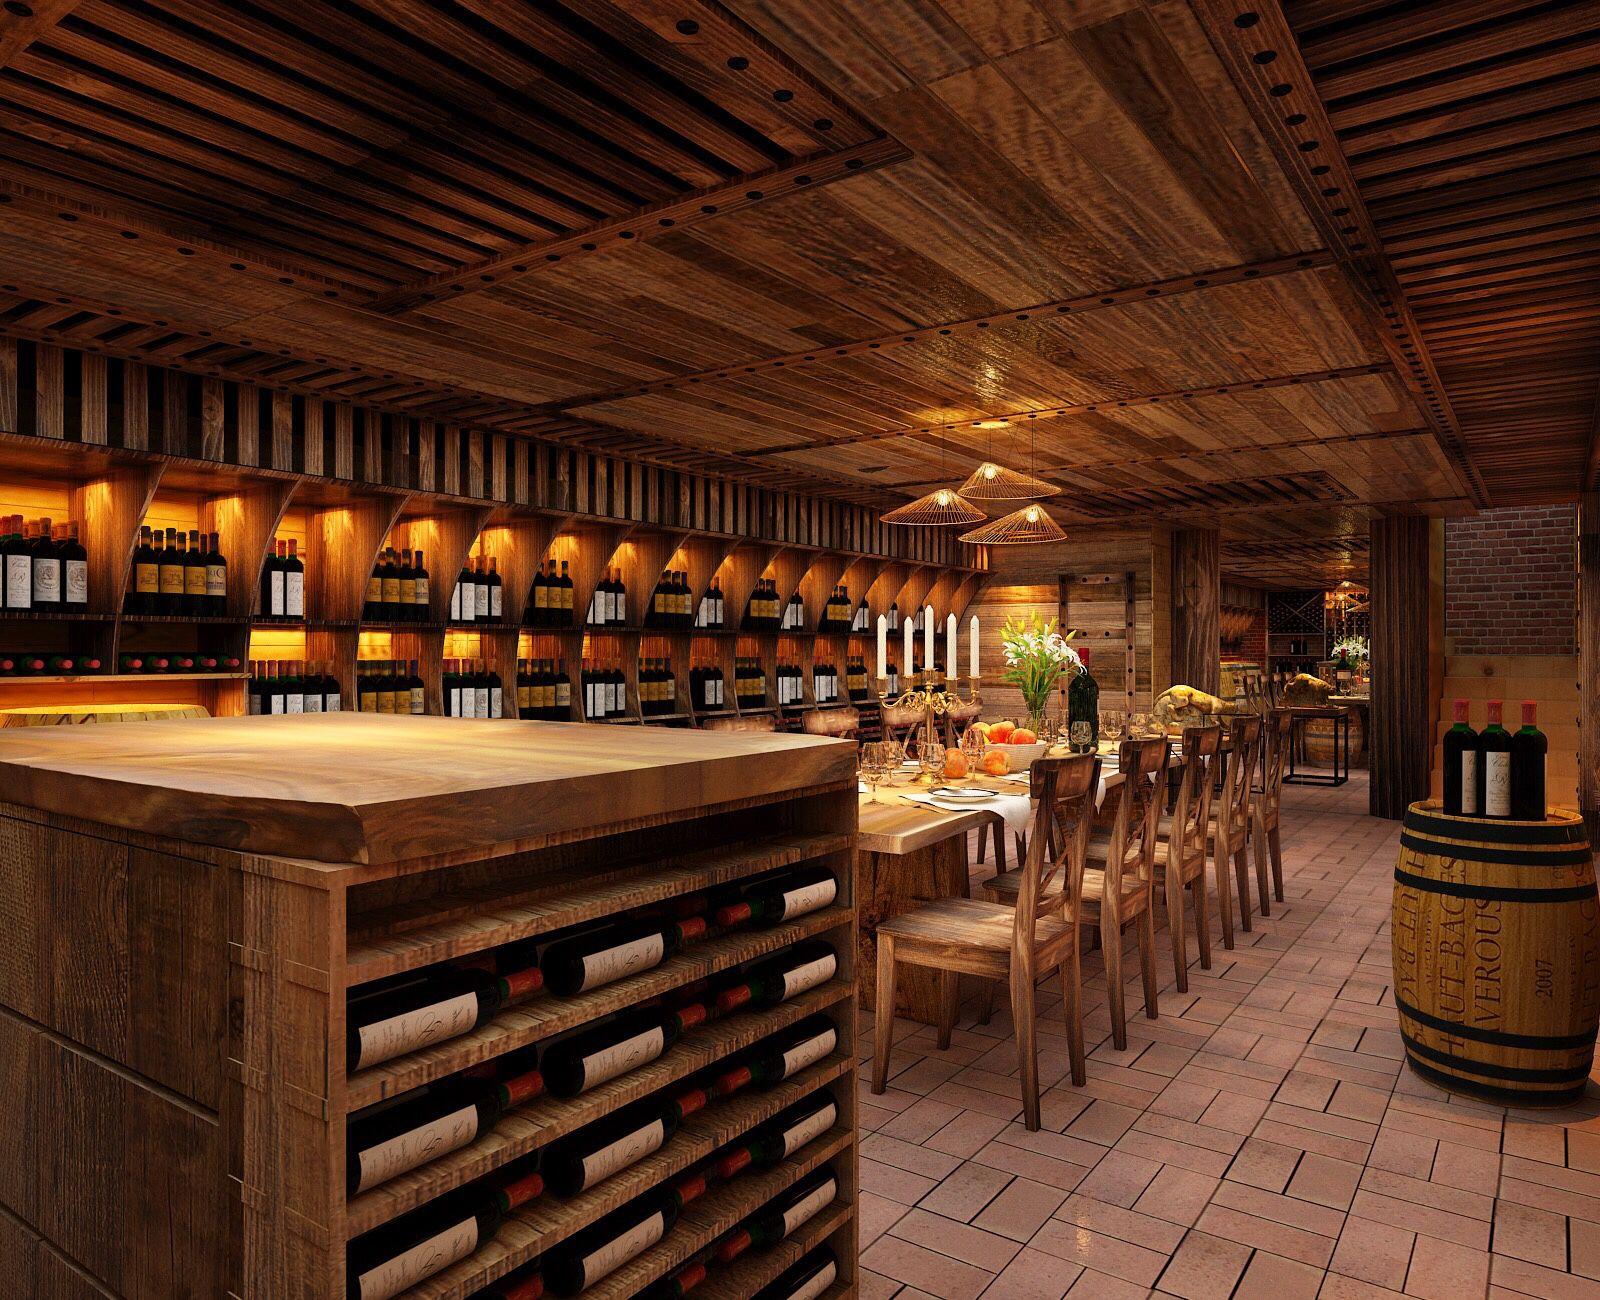 Không gian ấm cúng và lãng mạn của mẫu thiết kế nhà hàng hầm rượu